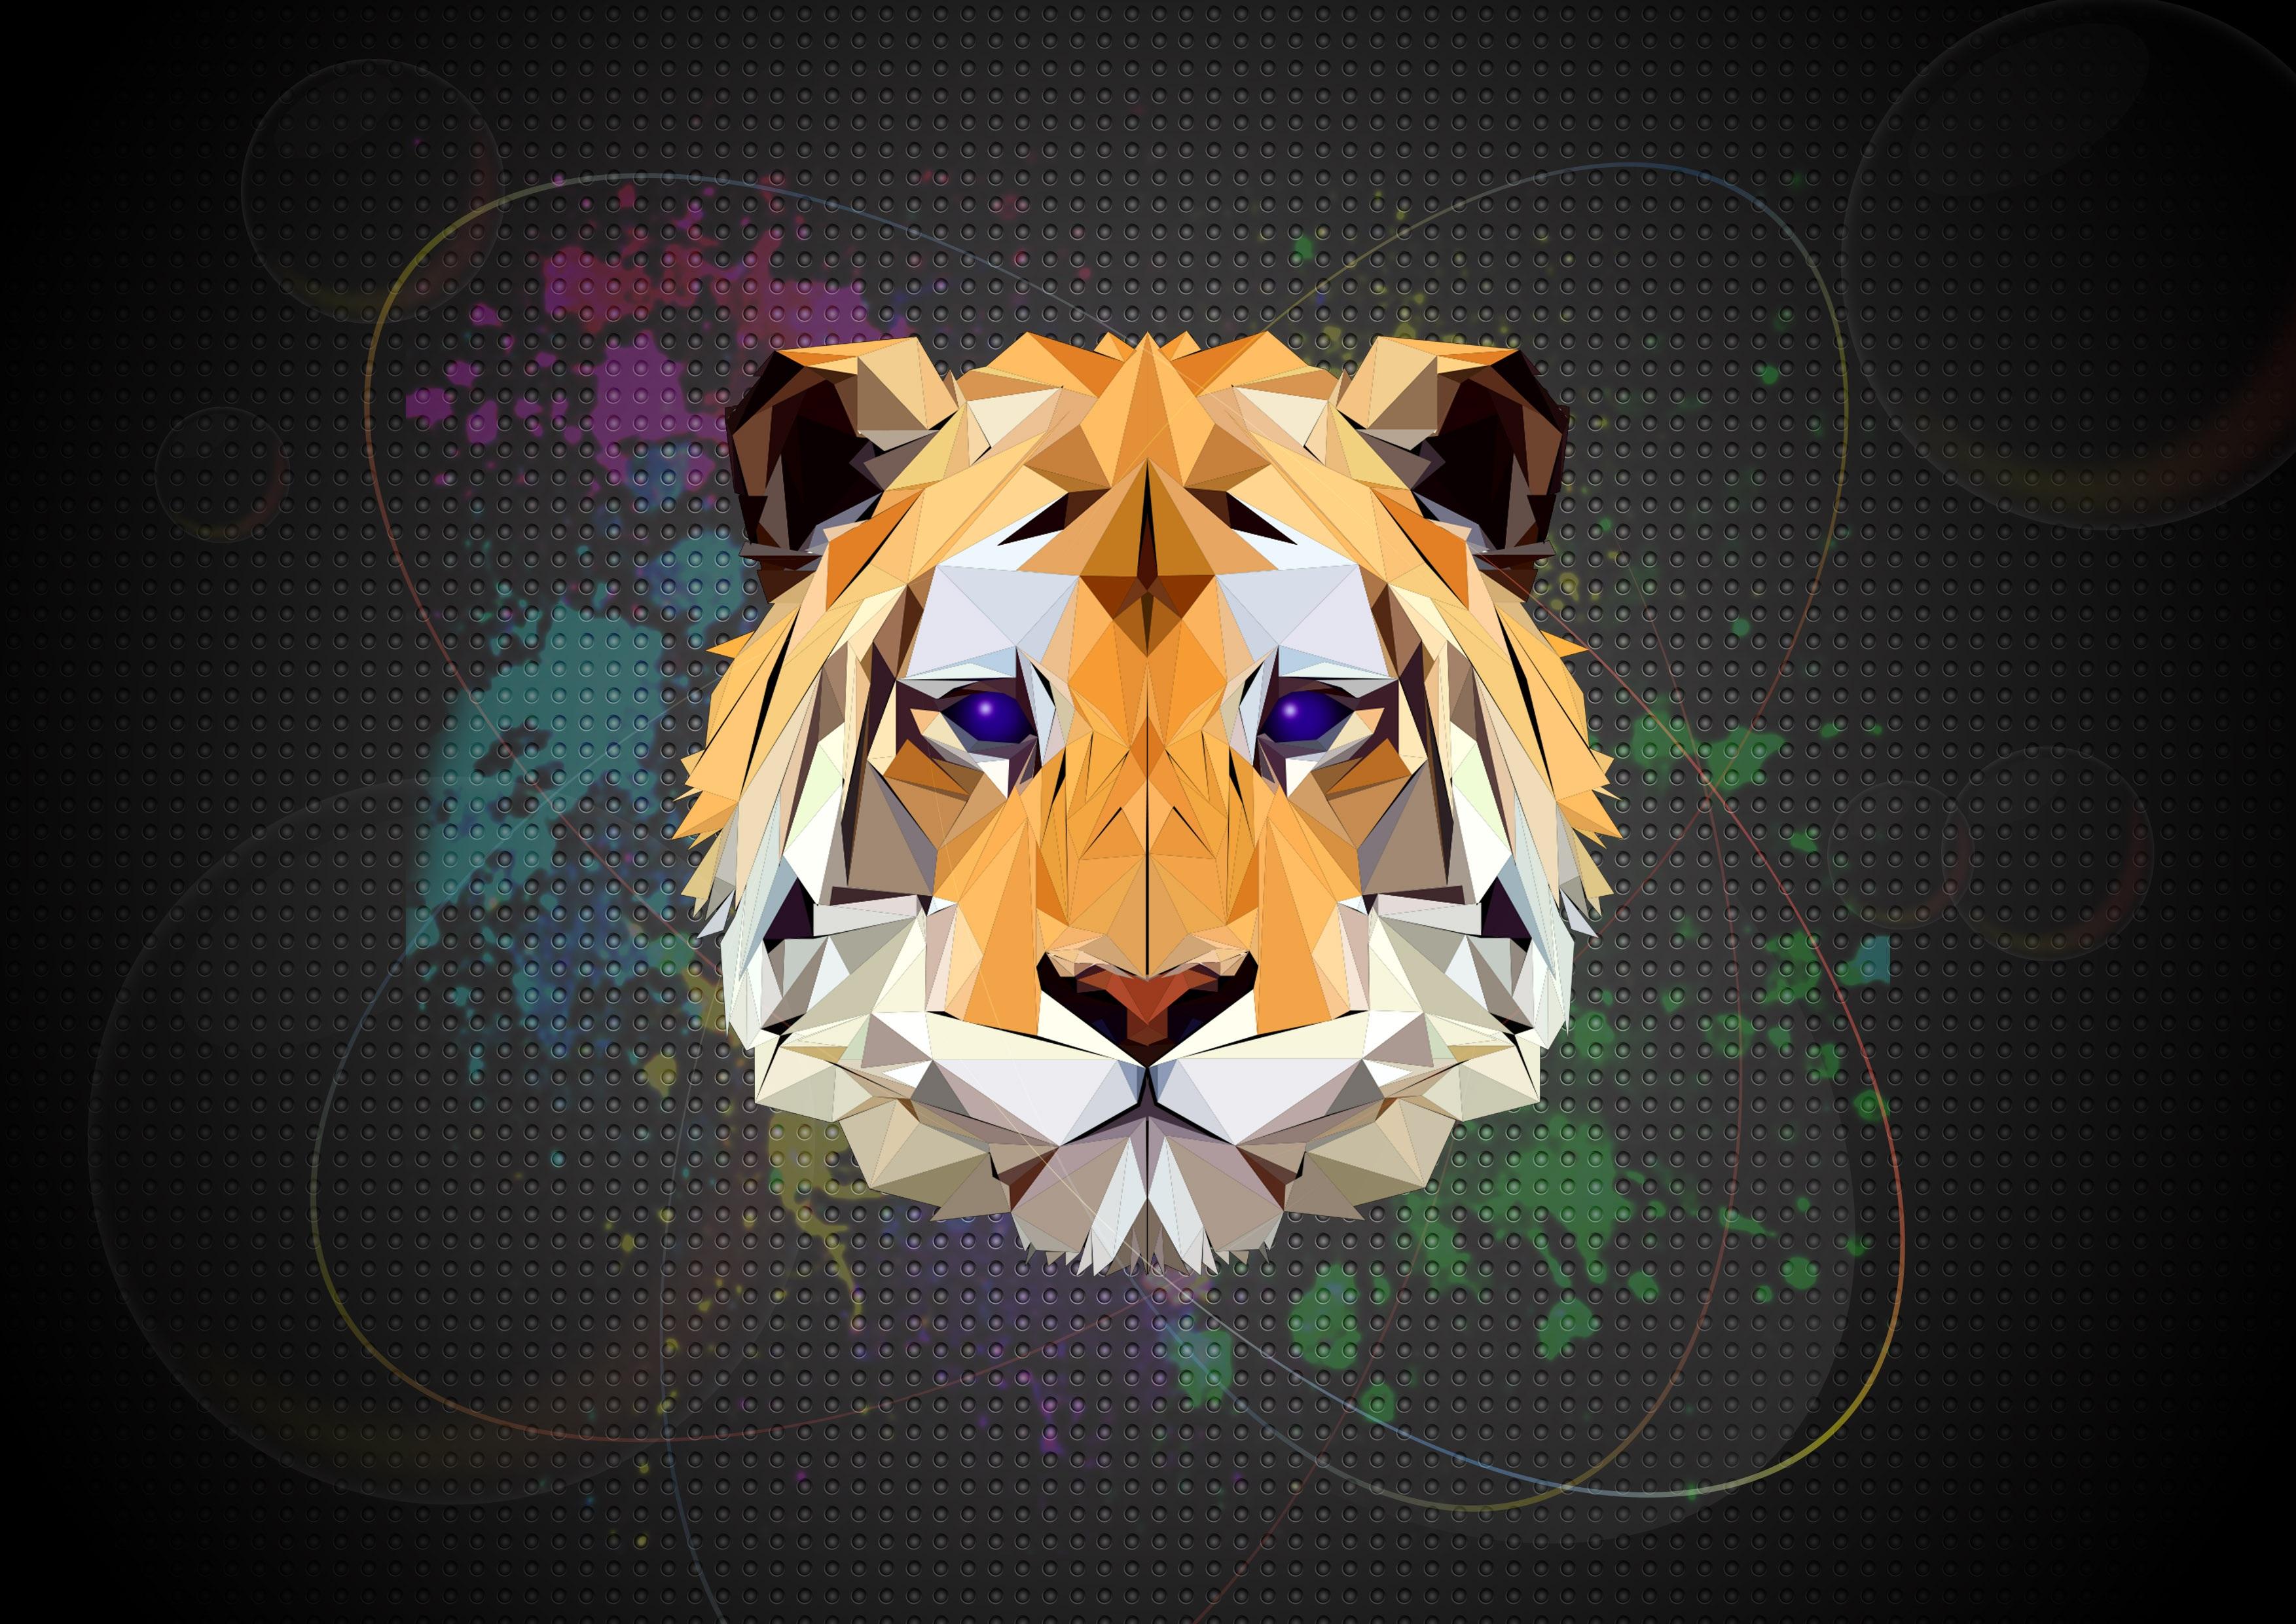 64700 Salvapantallas y fondos de pantalla Vector en tu teléfono. Descarga imágenes de Vector, Polígono, Tigre, Arte, Gráficos, Grafismo gratis